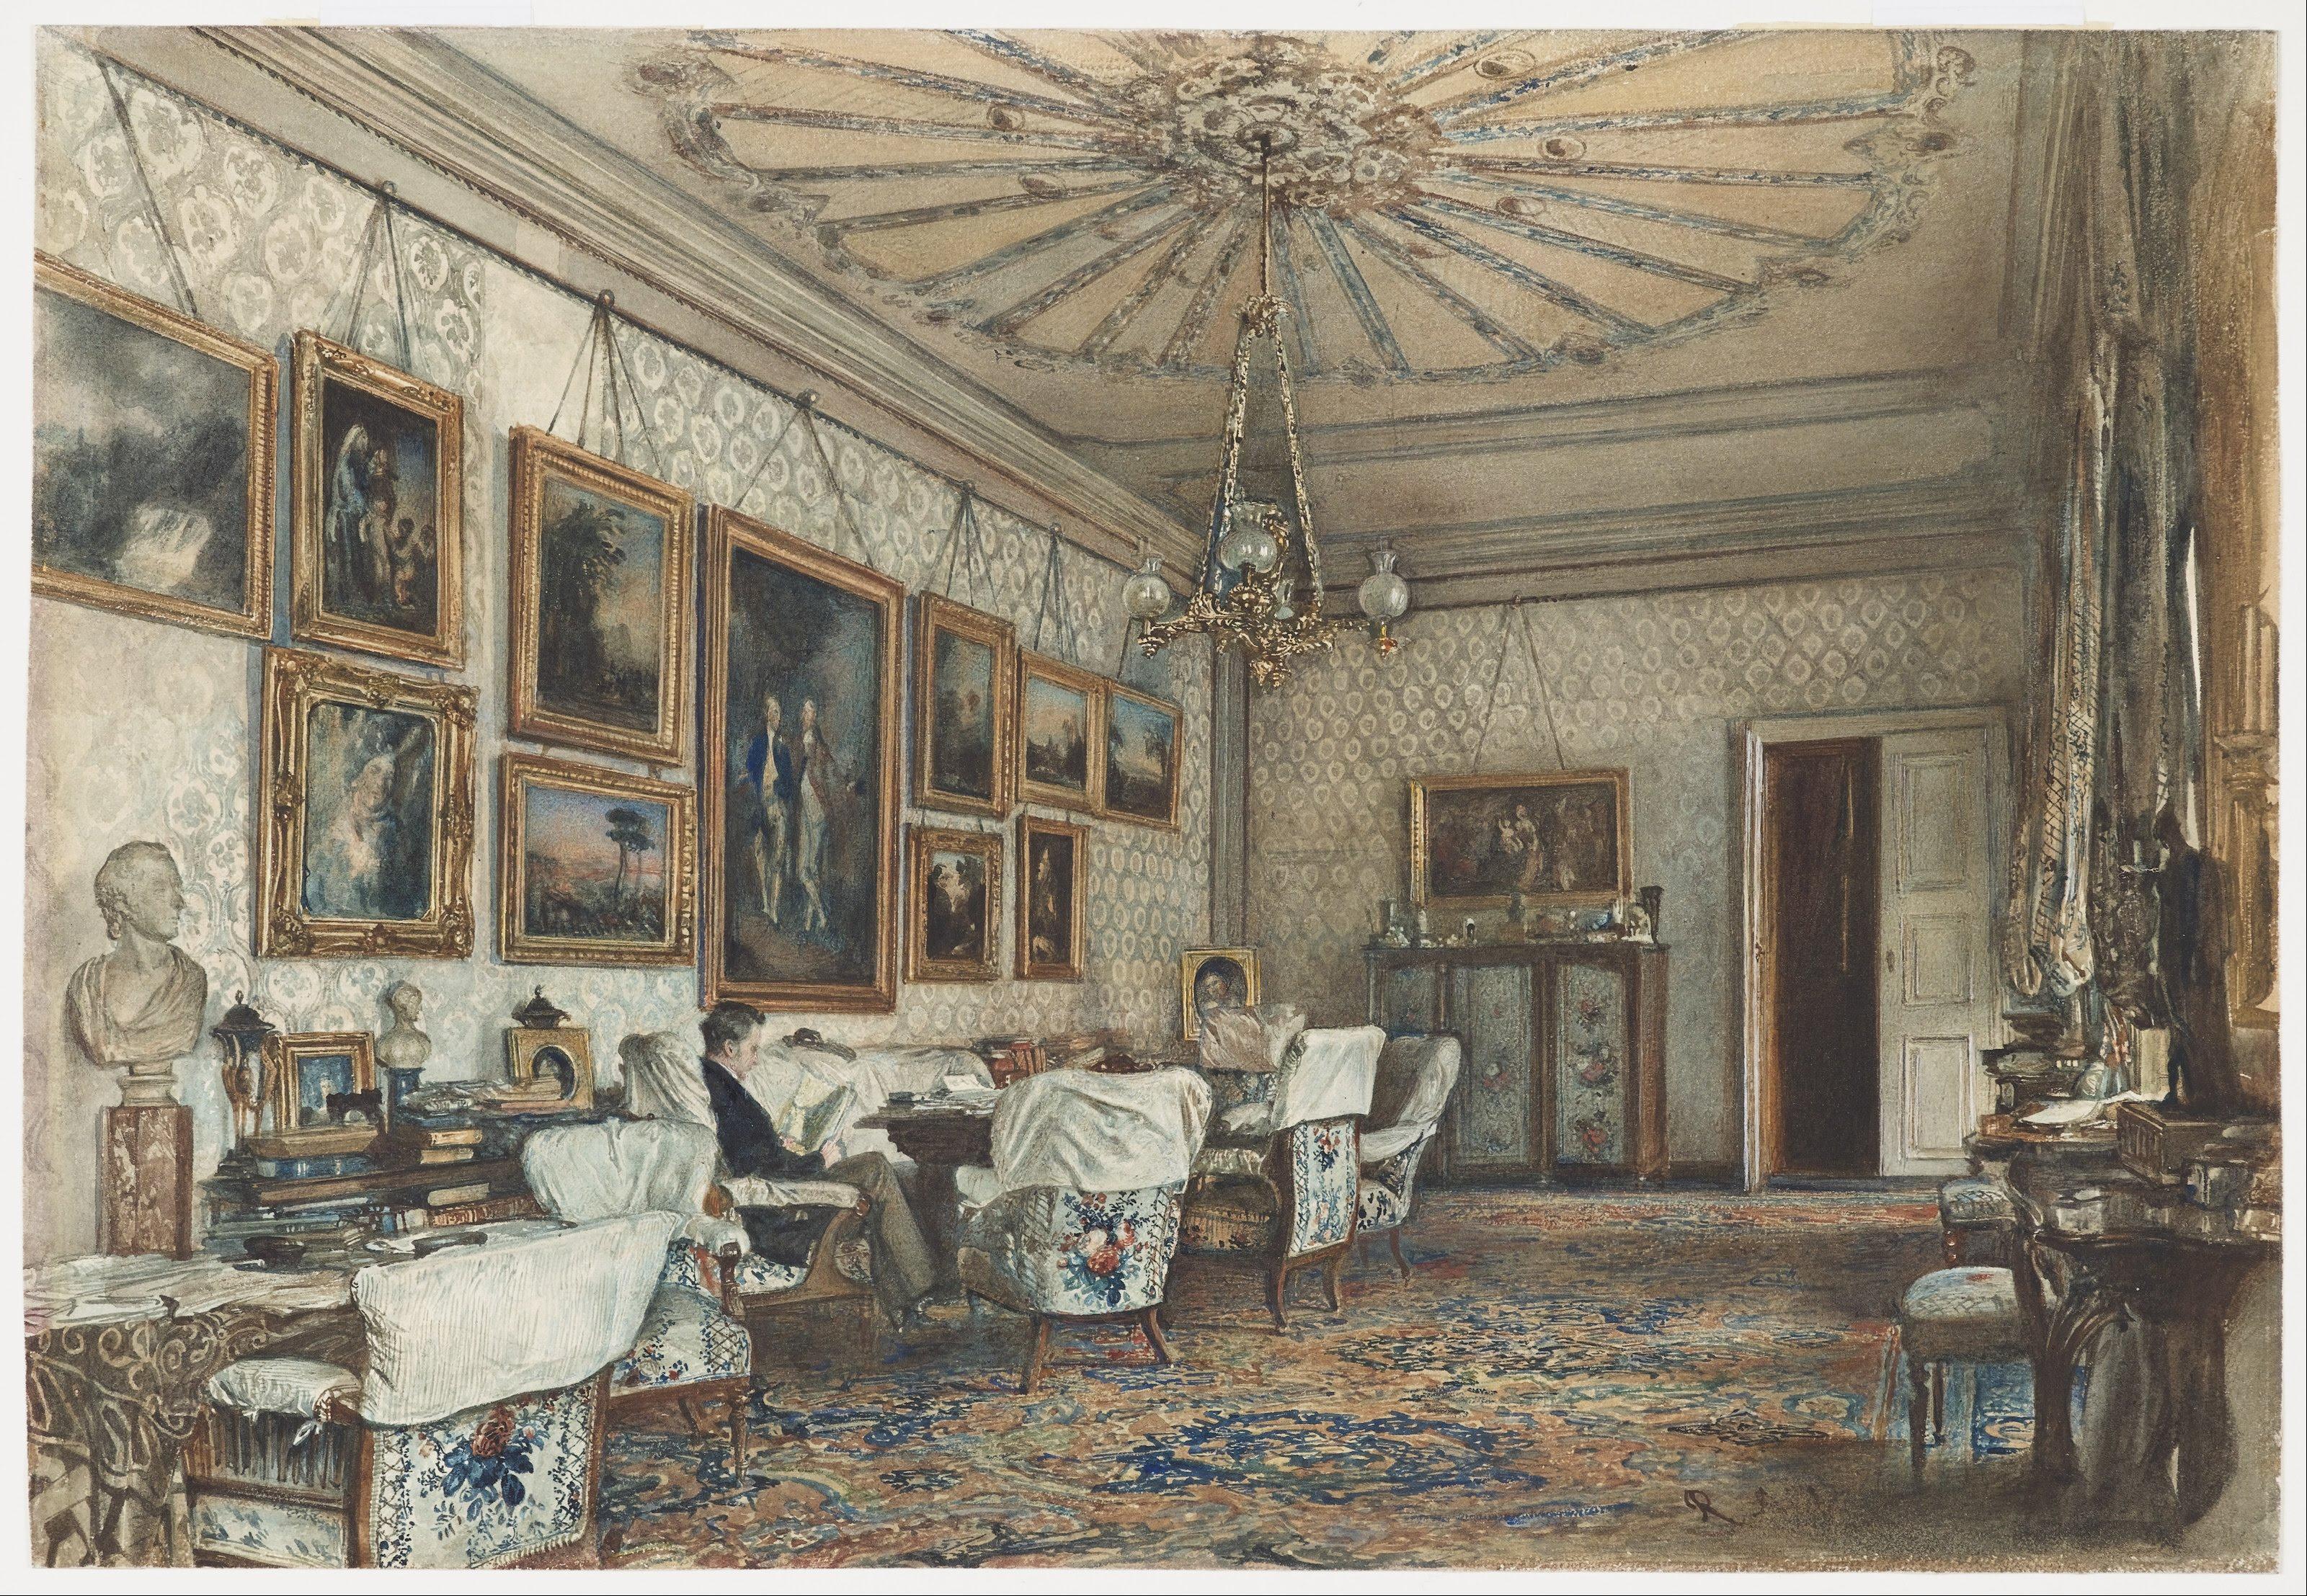 File:Rudolf von Alt - Salon in the Apartment of Count ...